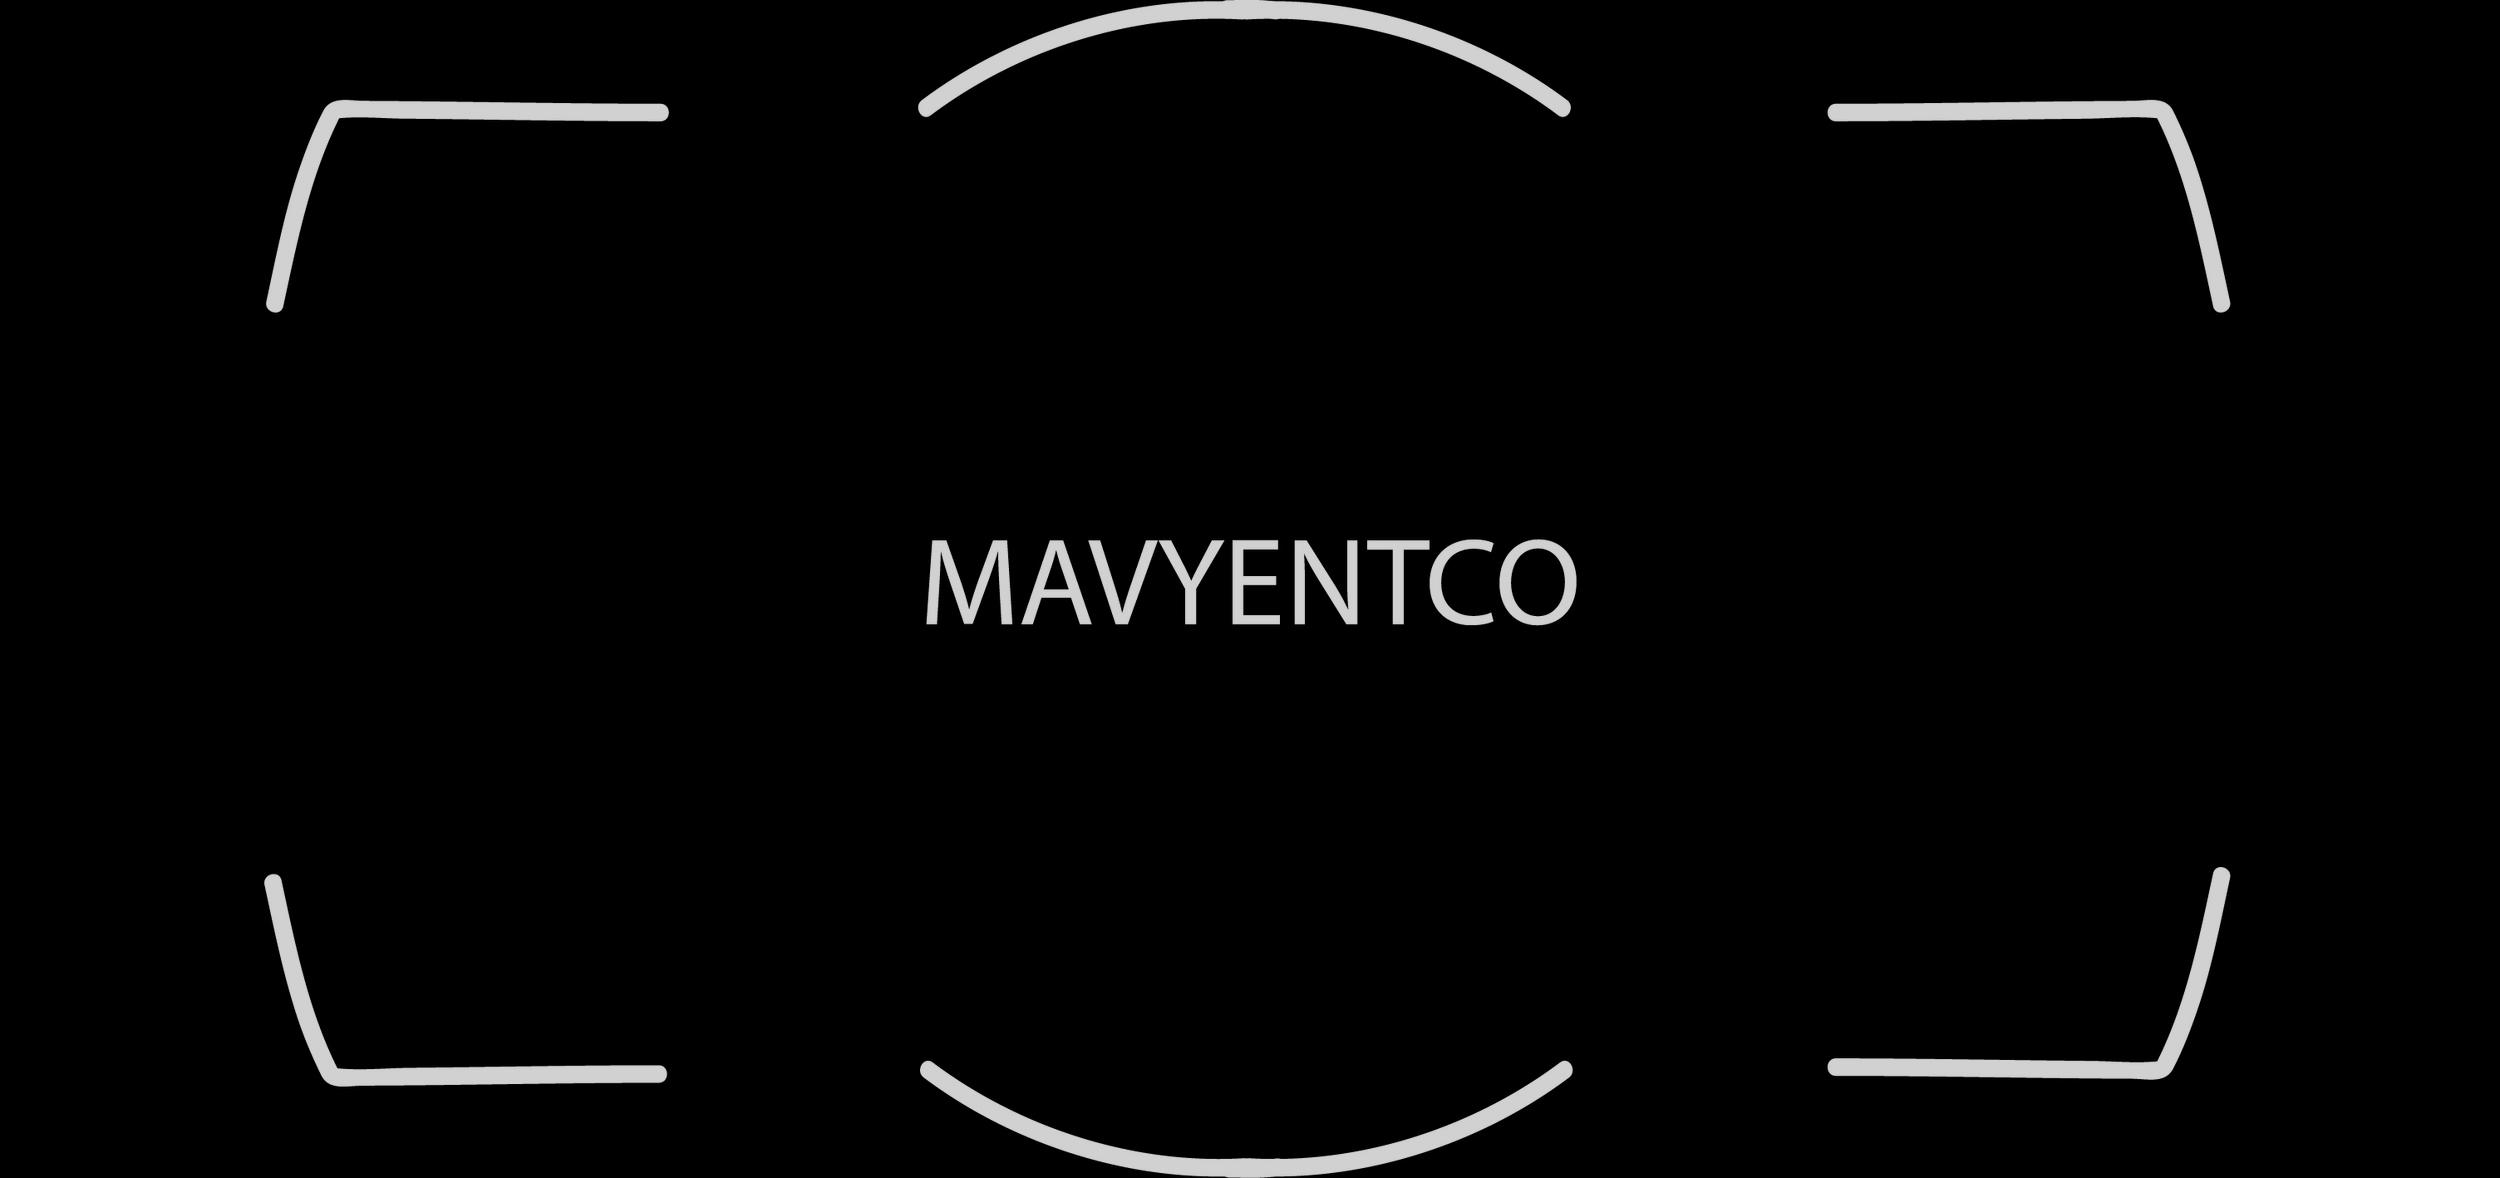 mavyblack2015.jpg